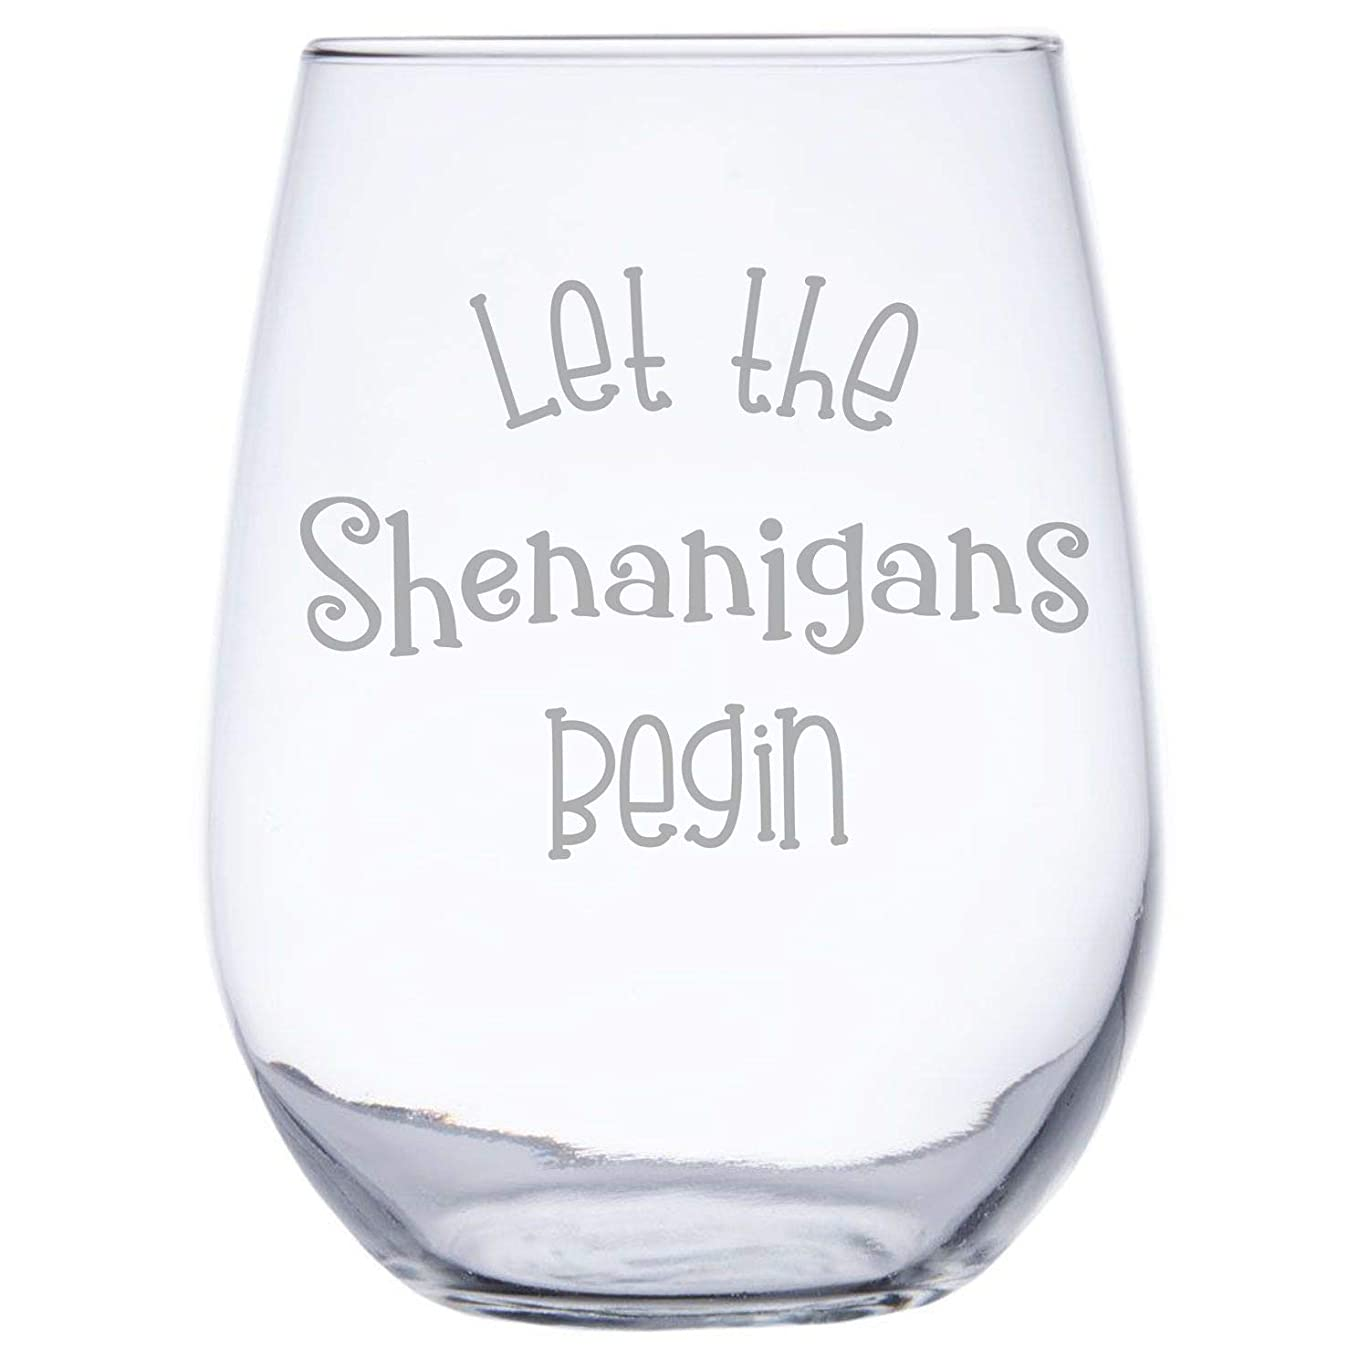 取得王室風が強いInkPonyArt Let the Shenanigans Begin Irish American 17オンス ステムレスワイングラス 聖パトリックの祝日や誕生日パーティーに最適なギフト